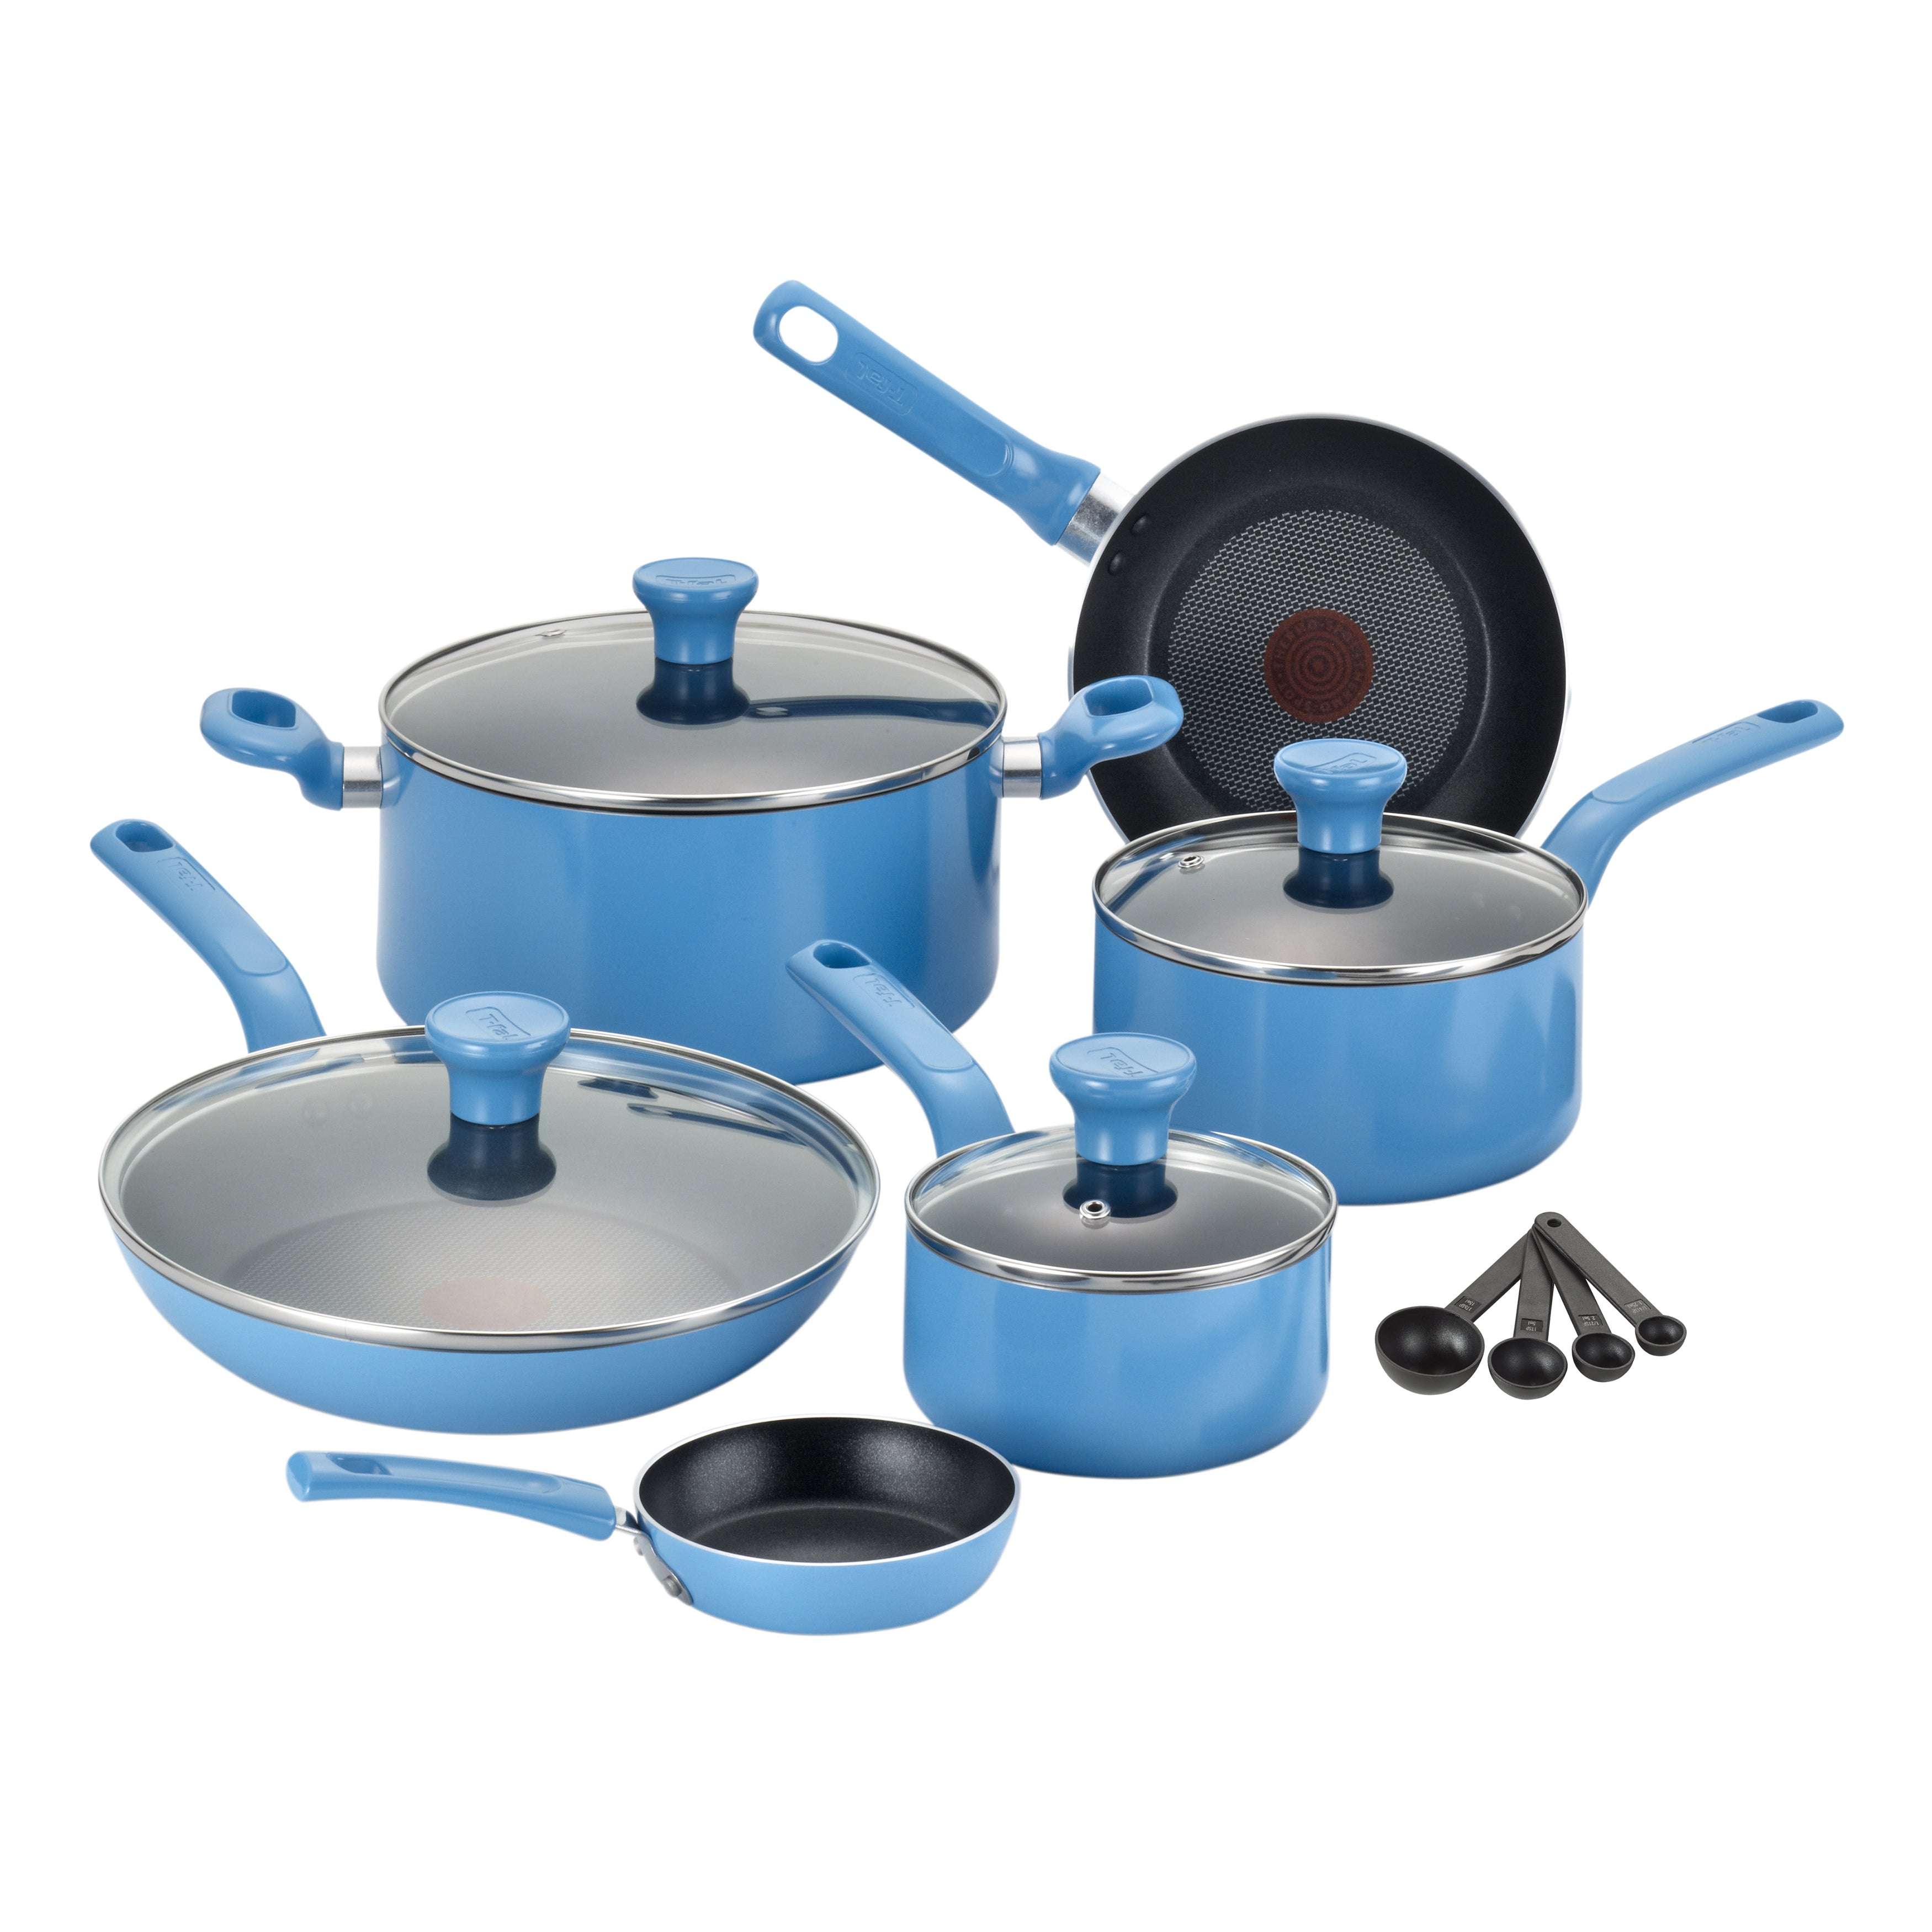 T-FAL Excite Blue 14-piece Non-stick Cookware Set (Blue) ...